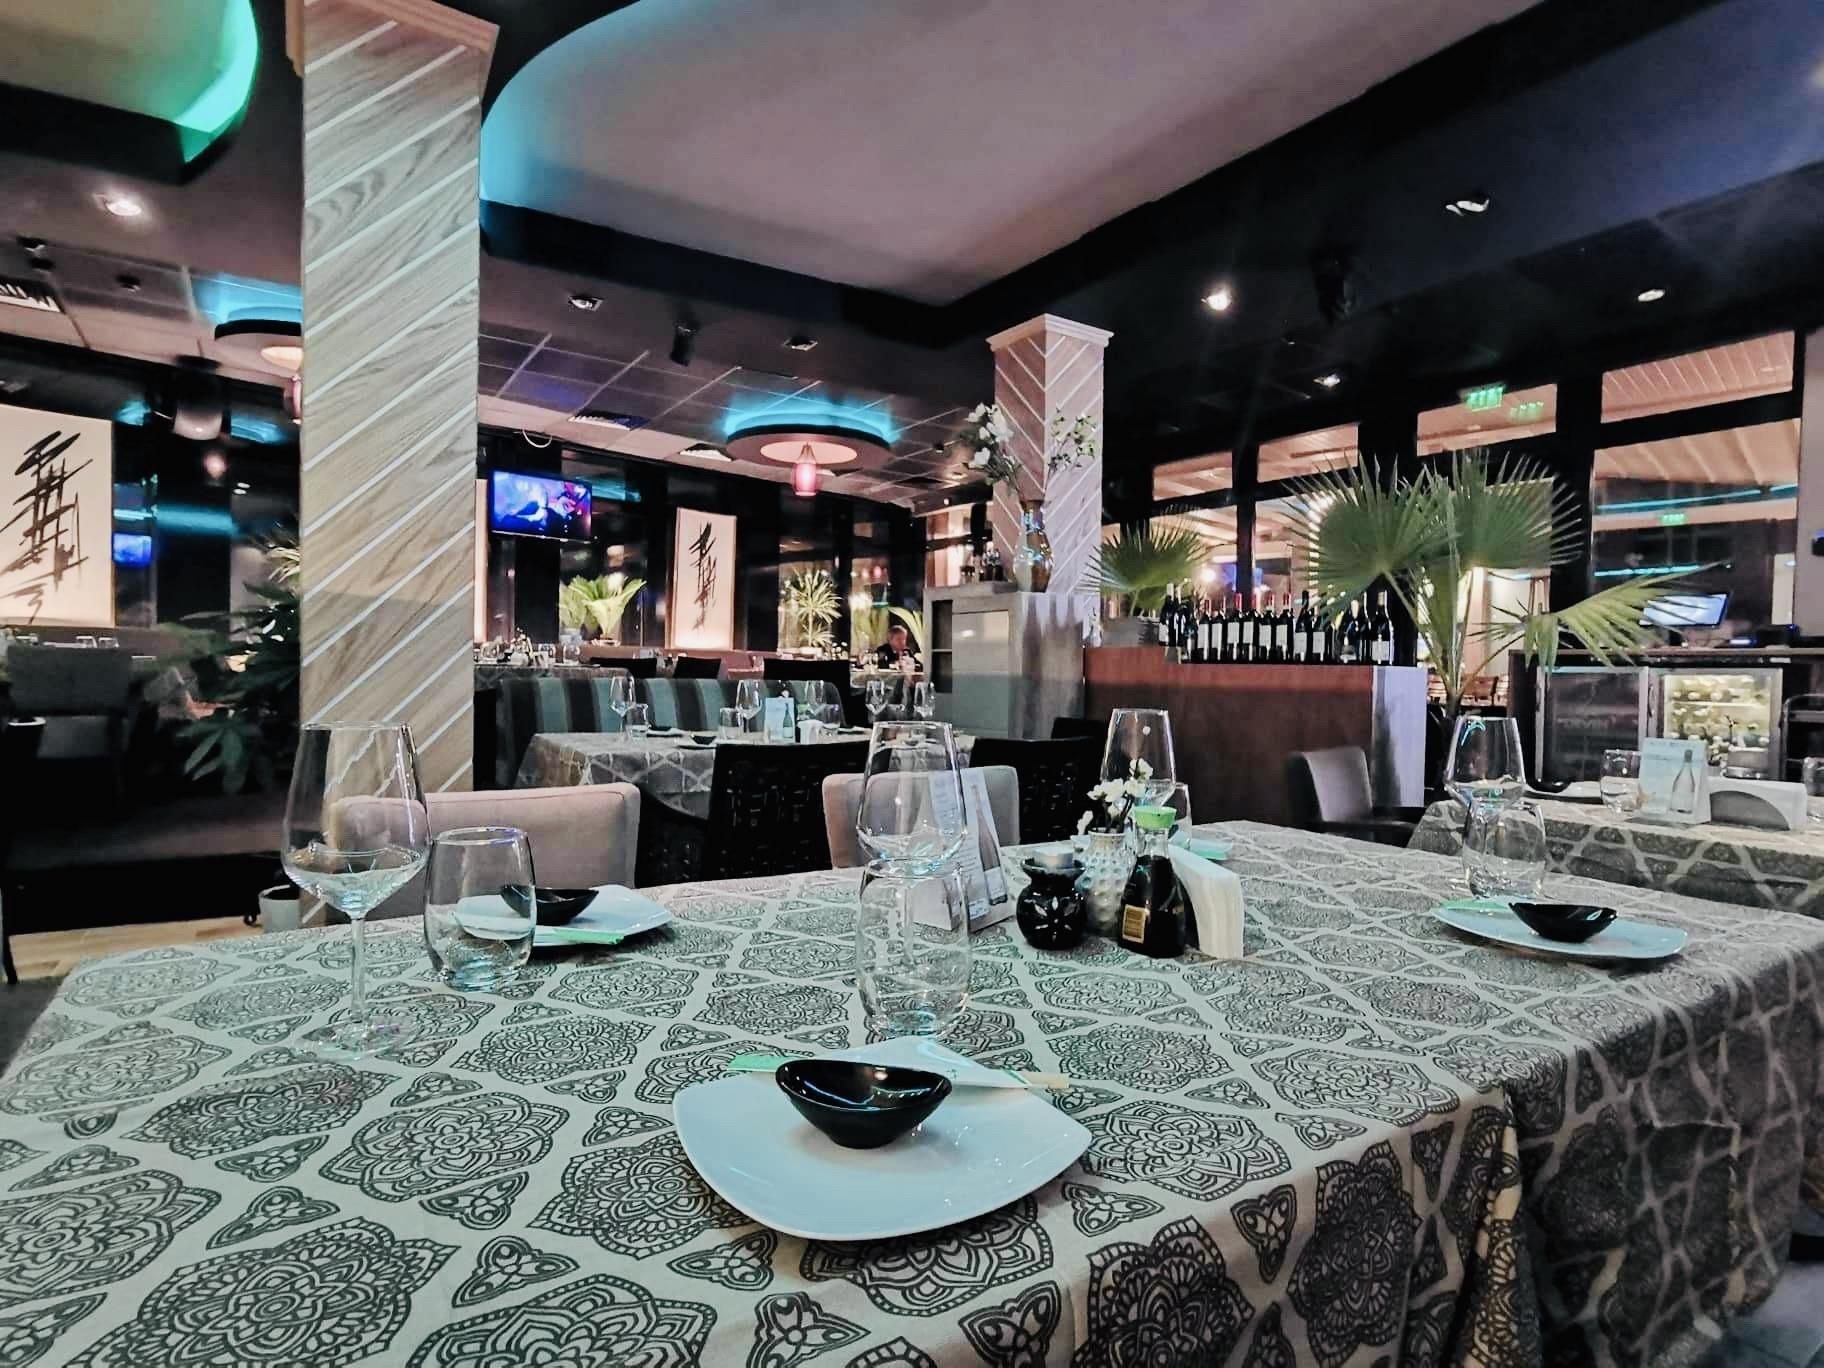 Golqma masa s restorant Ivan Vazov